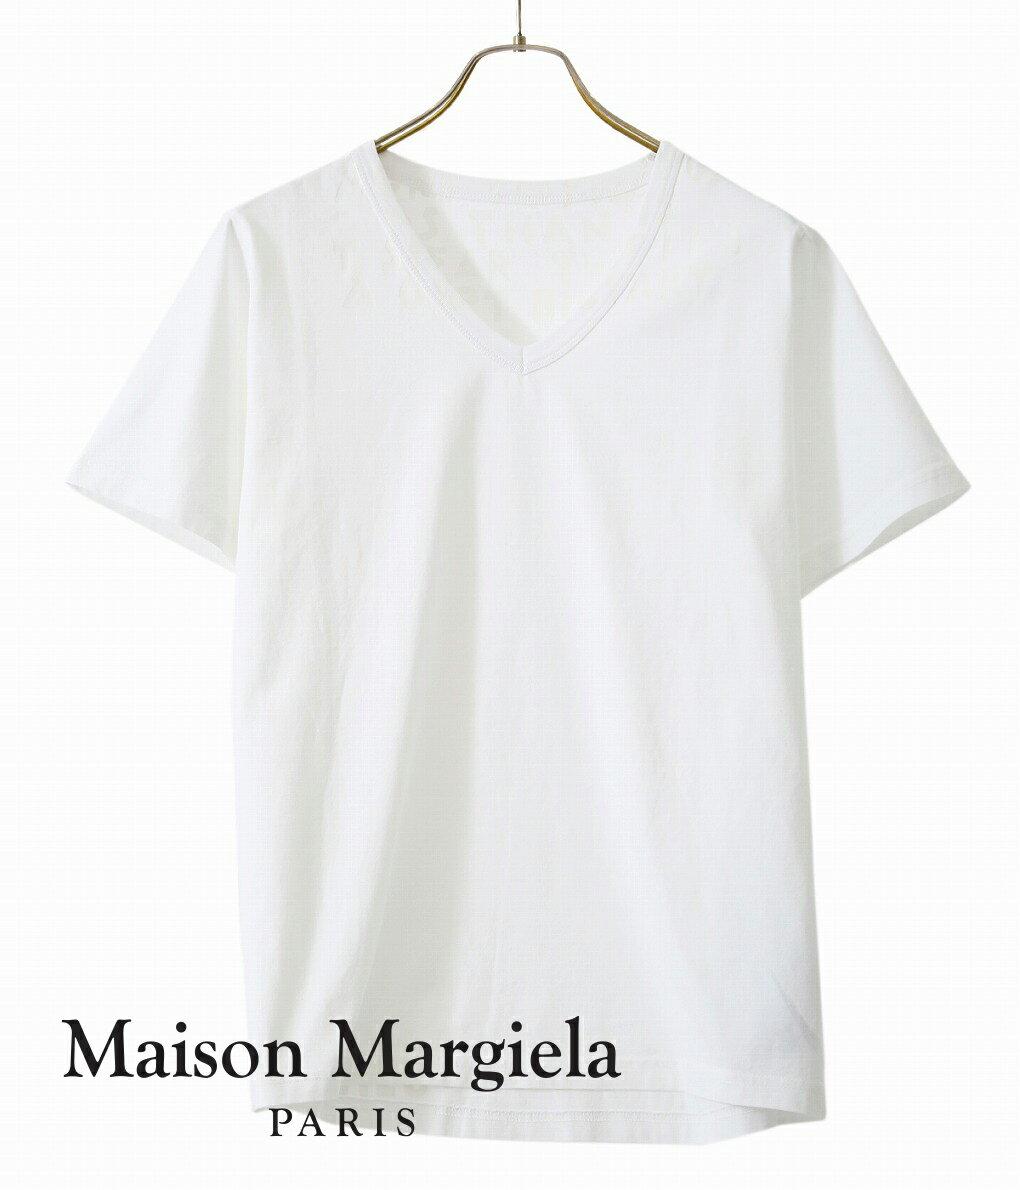 トップス, Tシャツ・カットソー Maison Margiela AIDS TEE T S30GJ0007-S20299 RIPBJB